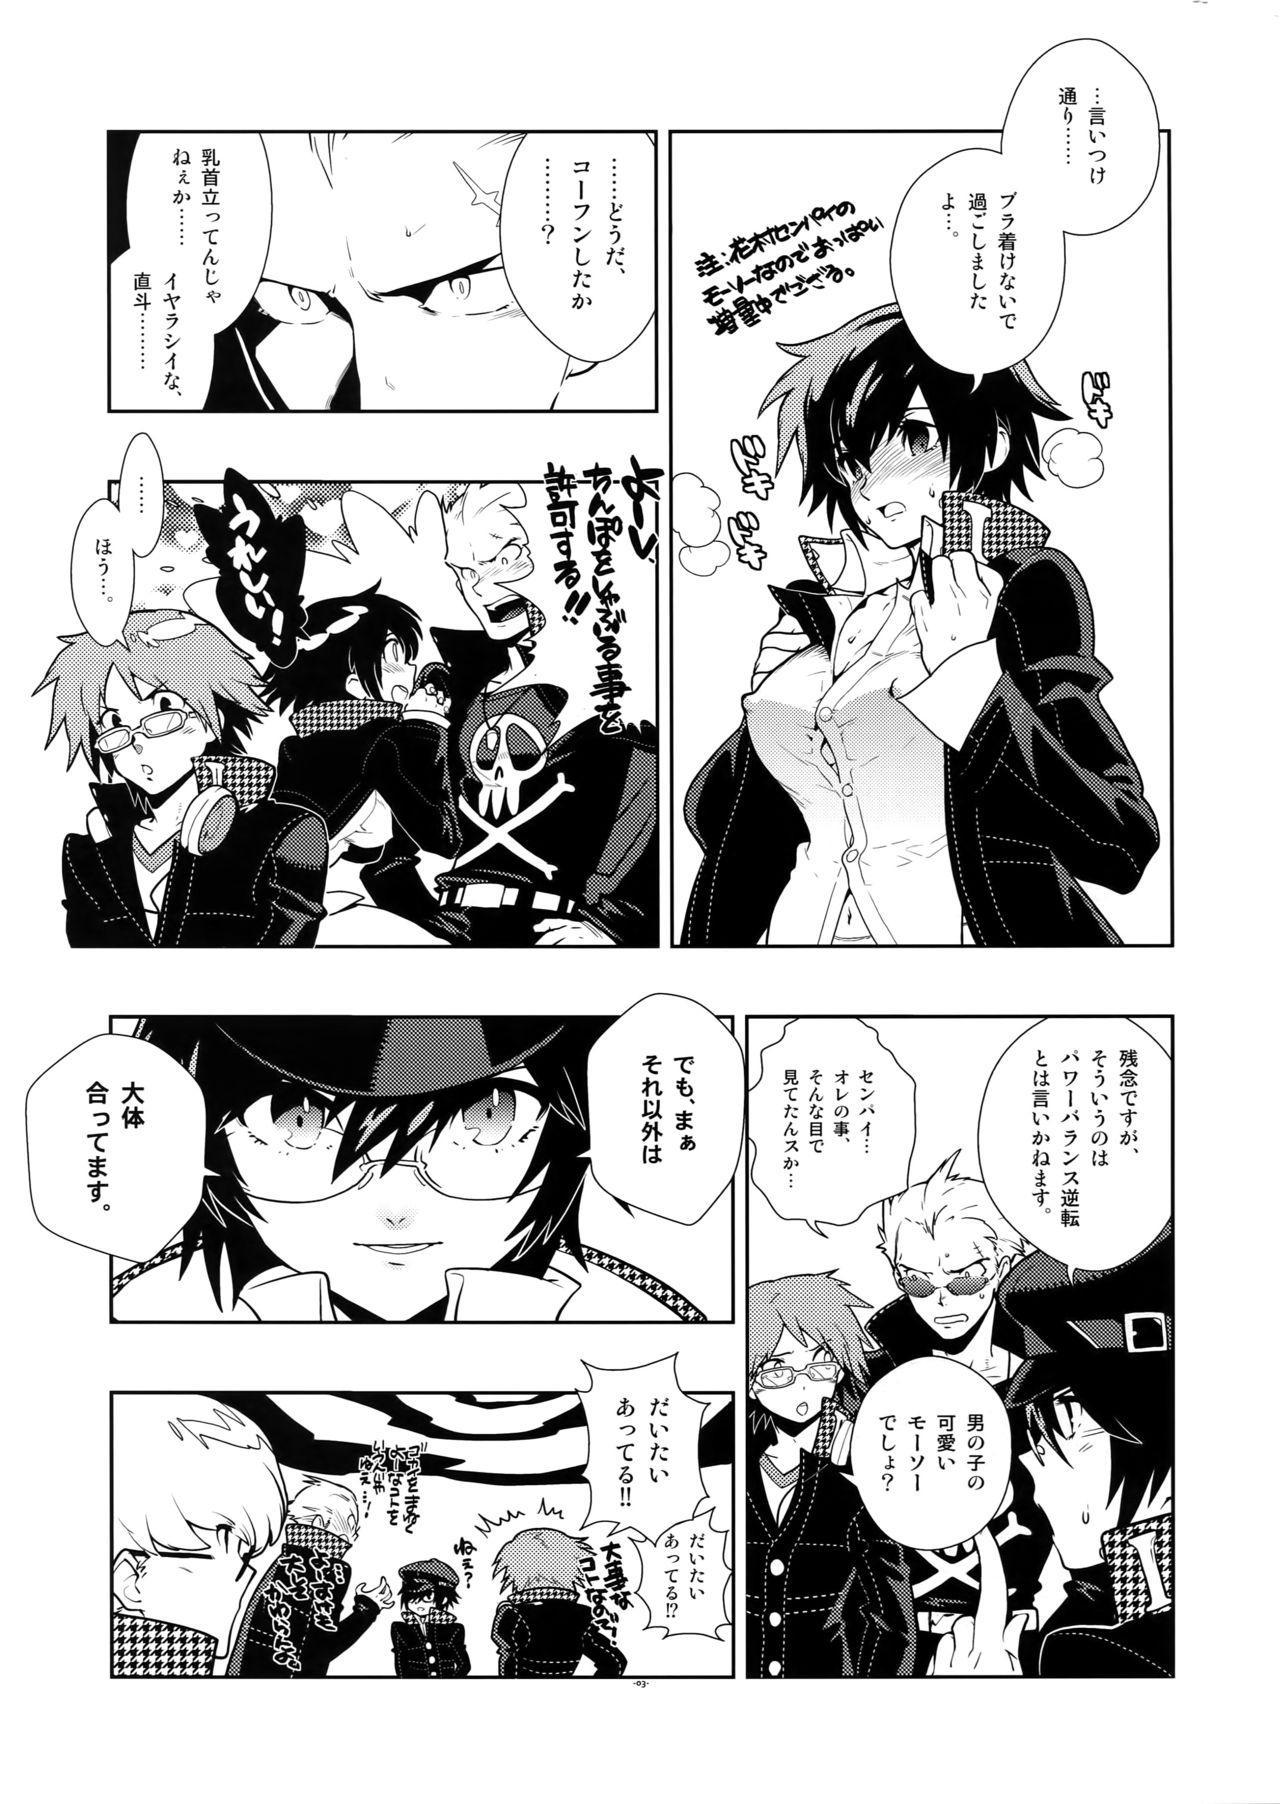 RaKuGaKi.Vol2.5 2